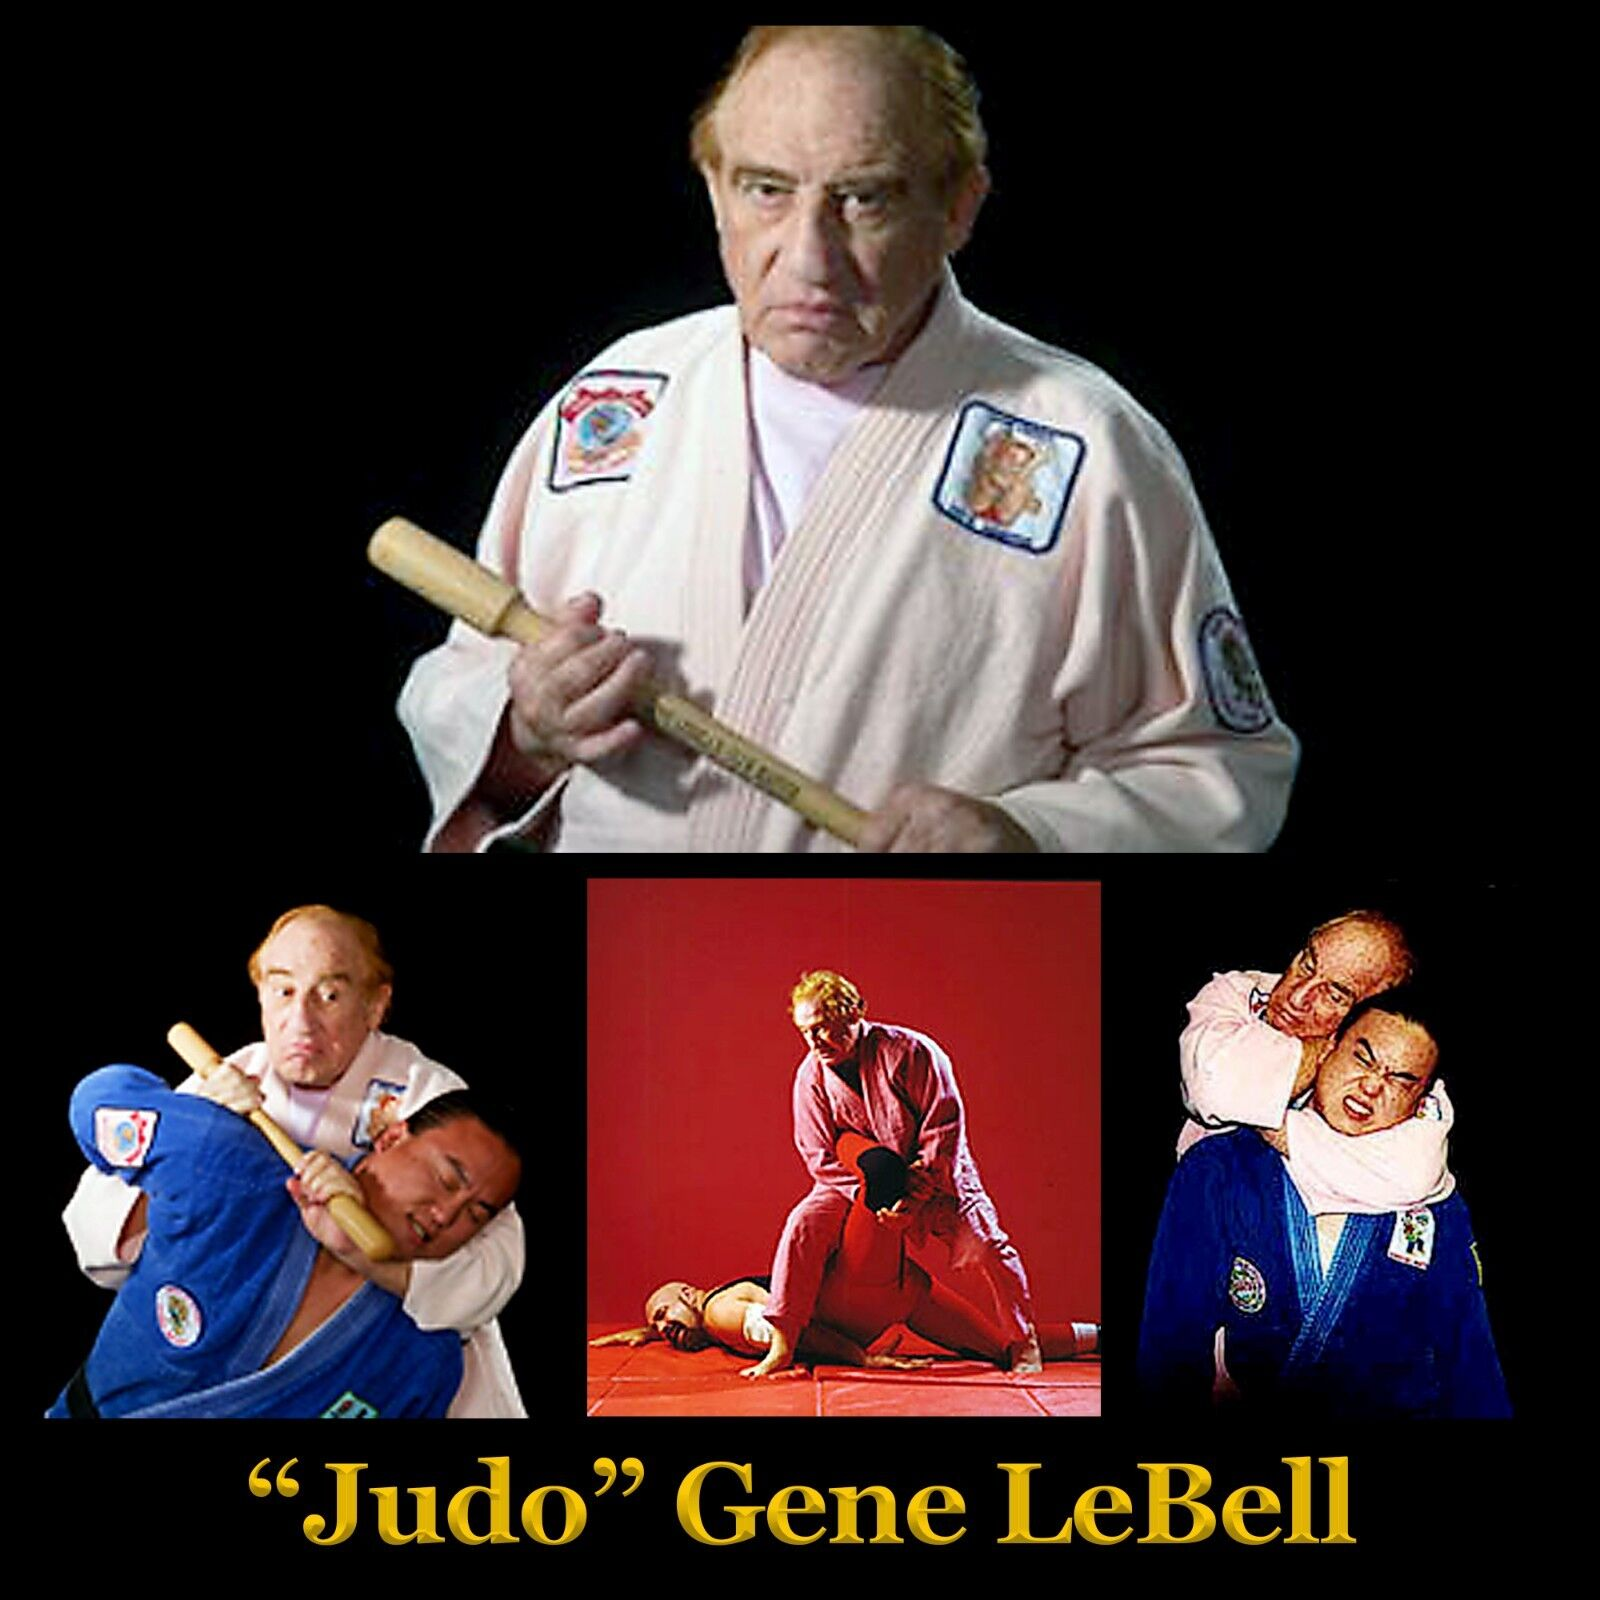 как выглядит Gene Lebell